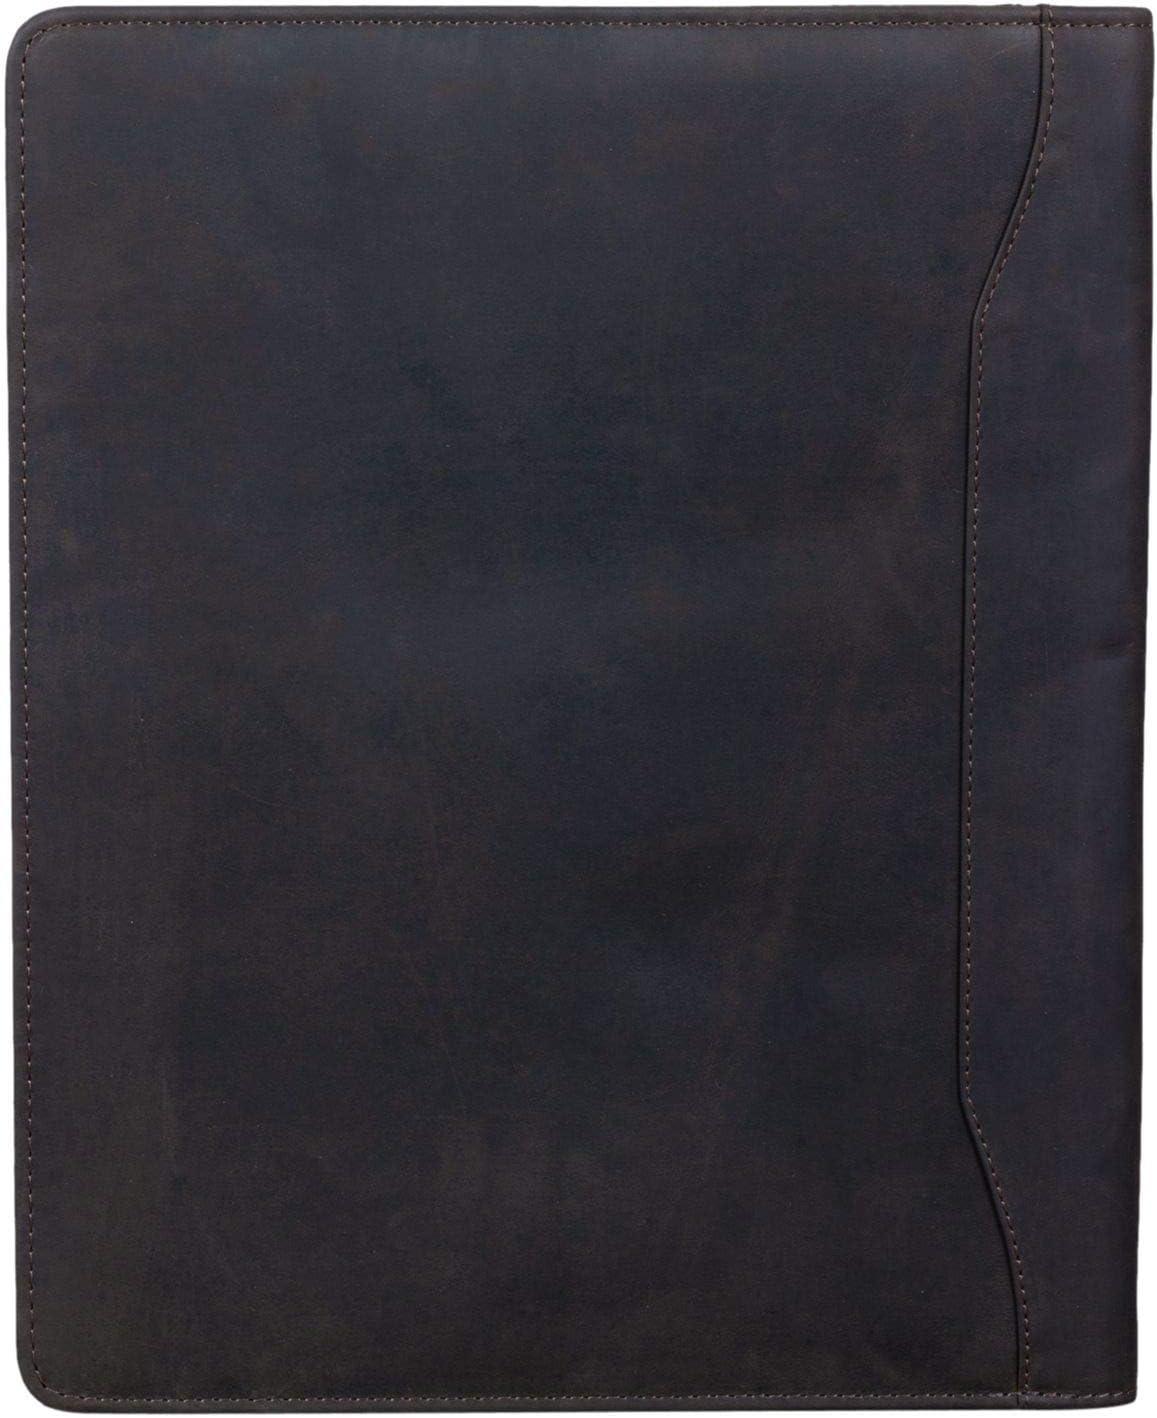 Color:Kara Cognac STILORD Scott Carpeta de Documentos de Cuero Portadocumentos Vintage A4 Organizador de Conferencias con Cremallera de Piel